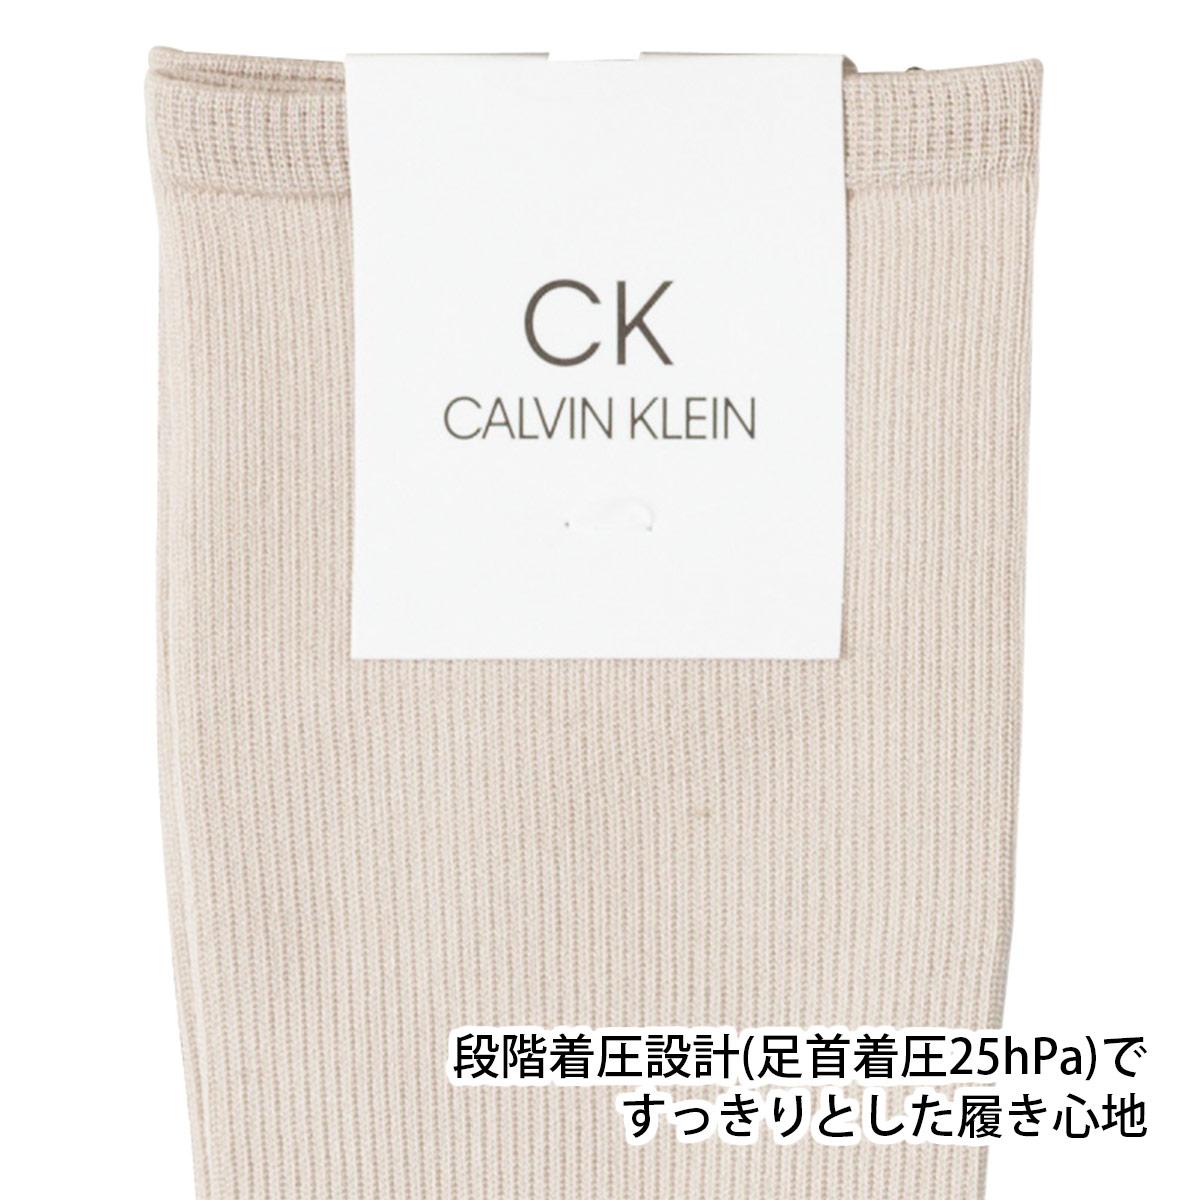 Calvin Klein (カルバンクライン) 着圧 レッグウォーマー 綿混レッグウォーマー 足首着圧25hPa レディース レッグウォーマー 3265-309【ゆうパケット・1点まで】